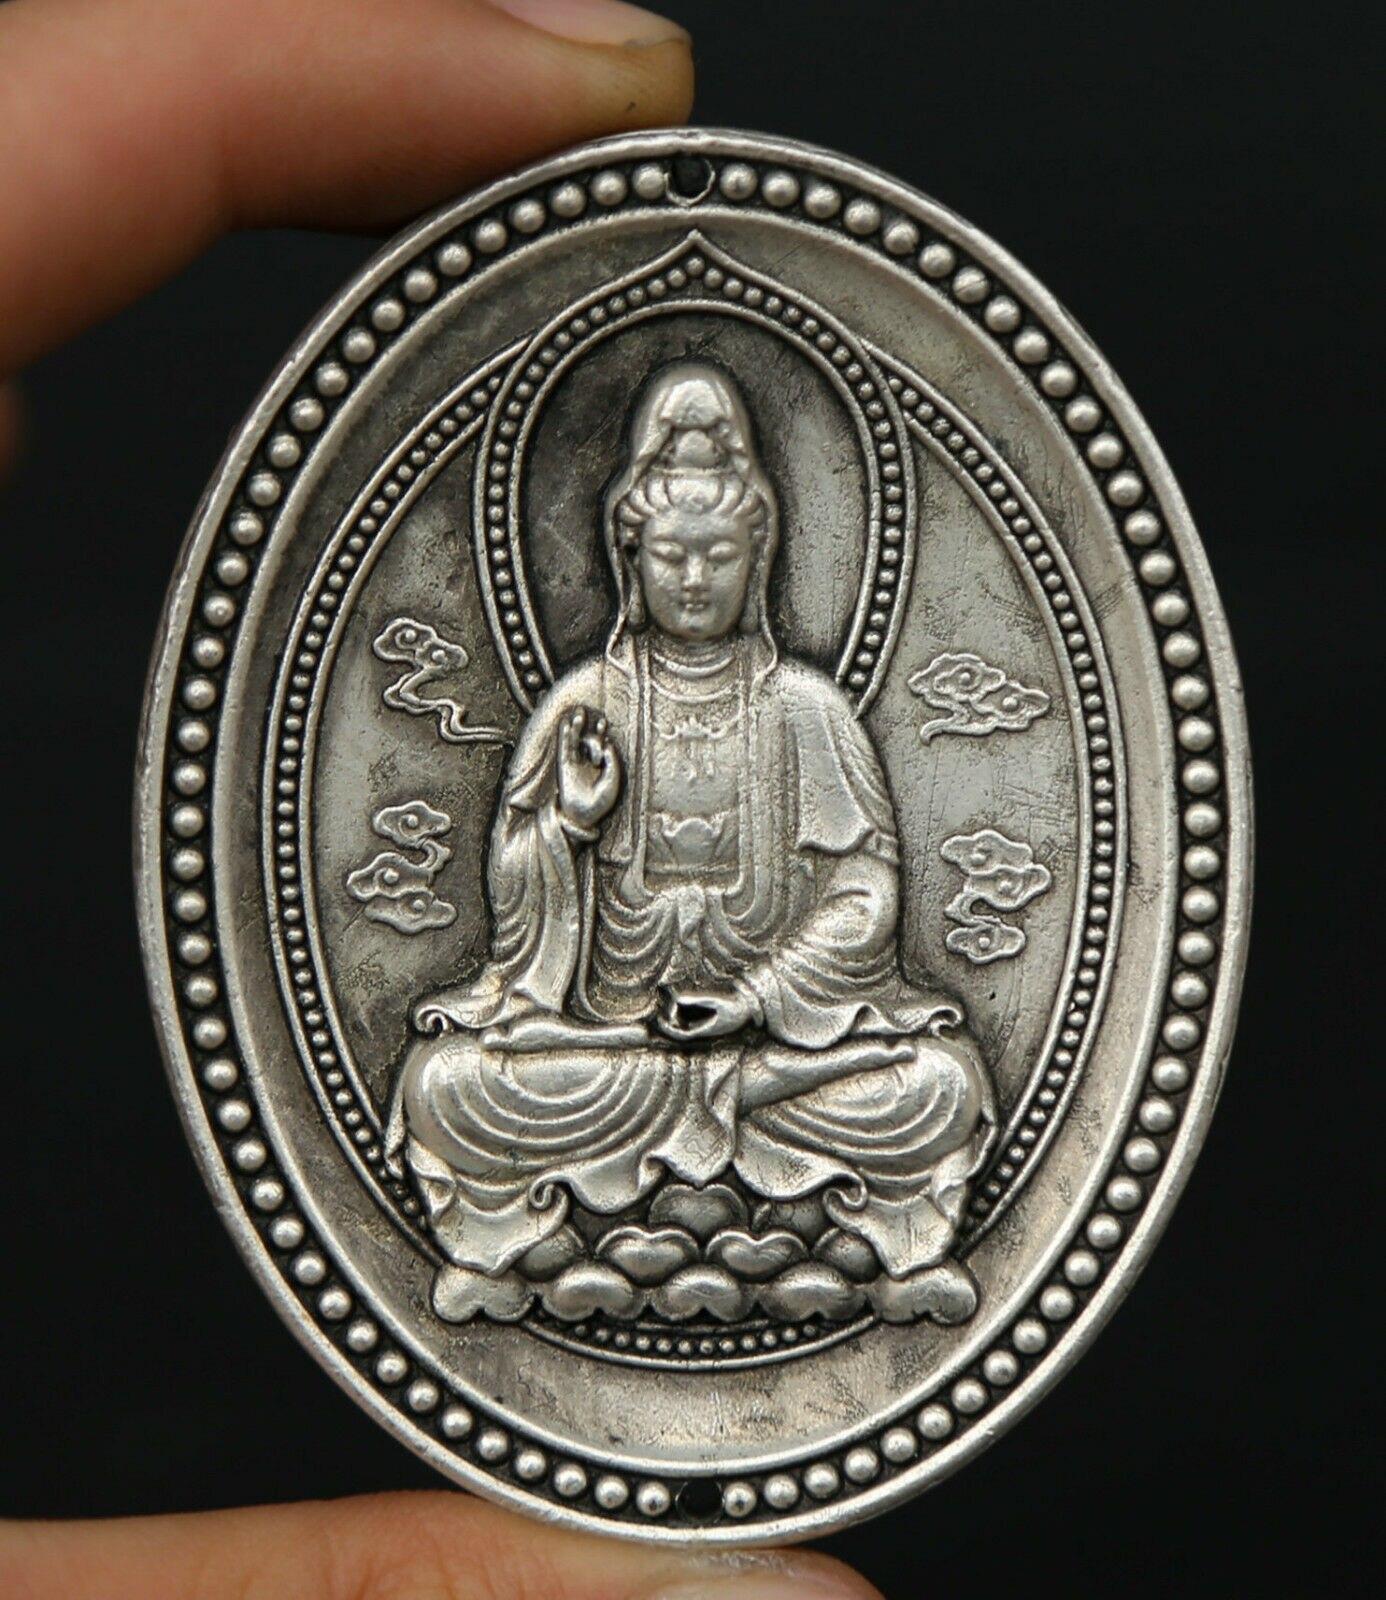 Chinese Miao Silver Buddhism Kwan-yin Guan Yin Boddhisattva Amulet Pendant